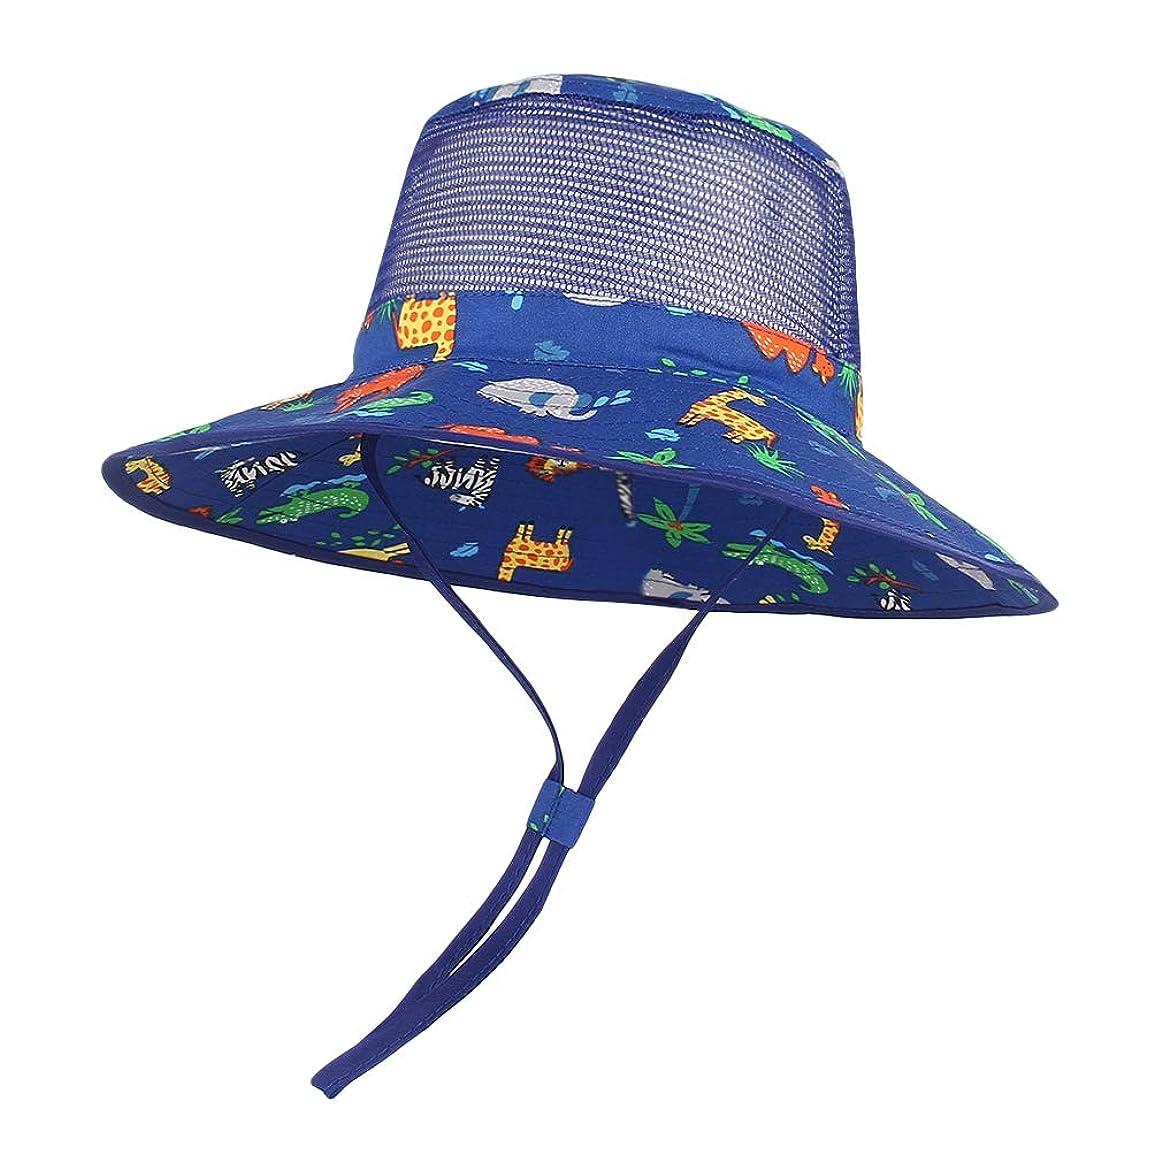 信頼性のある解明ハードウェア[Y-BOA] ベビーハット 日よけ帽子 サンハット サファリハット つば広 UVカット メッシュ 通気 子供 キッズ 女の子 男の子 動物柄 可愛い 海遊び 外出 旅行 ブルー